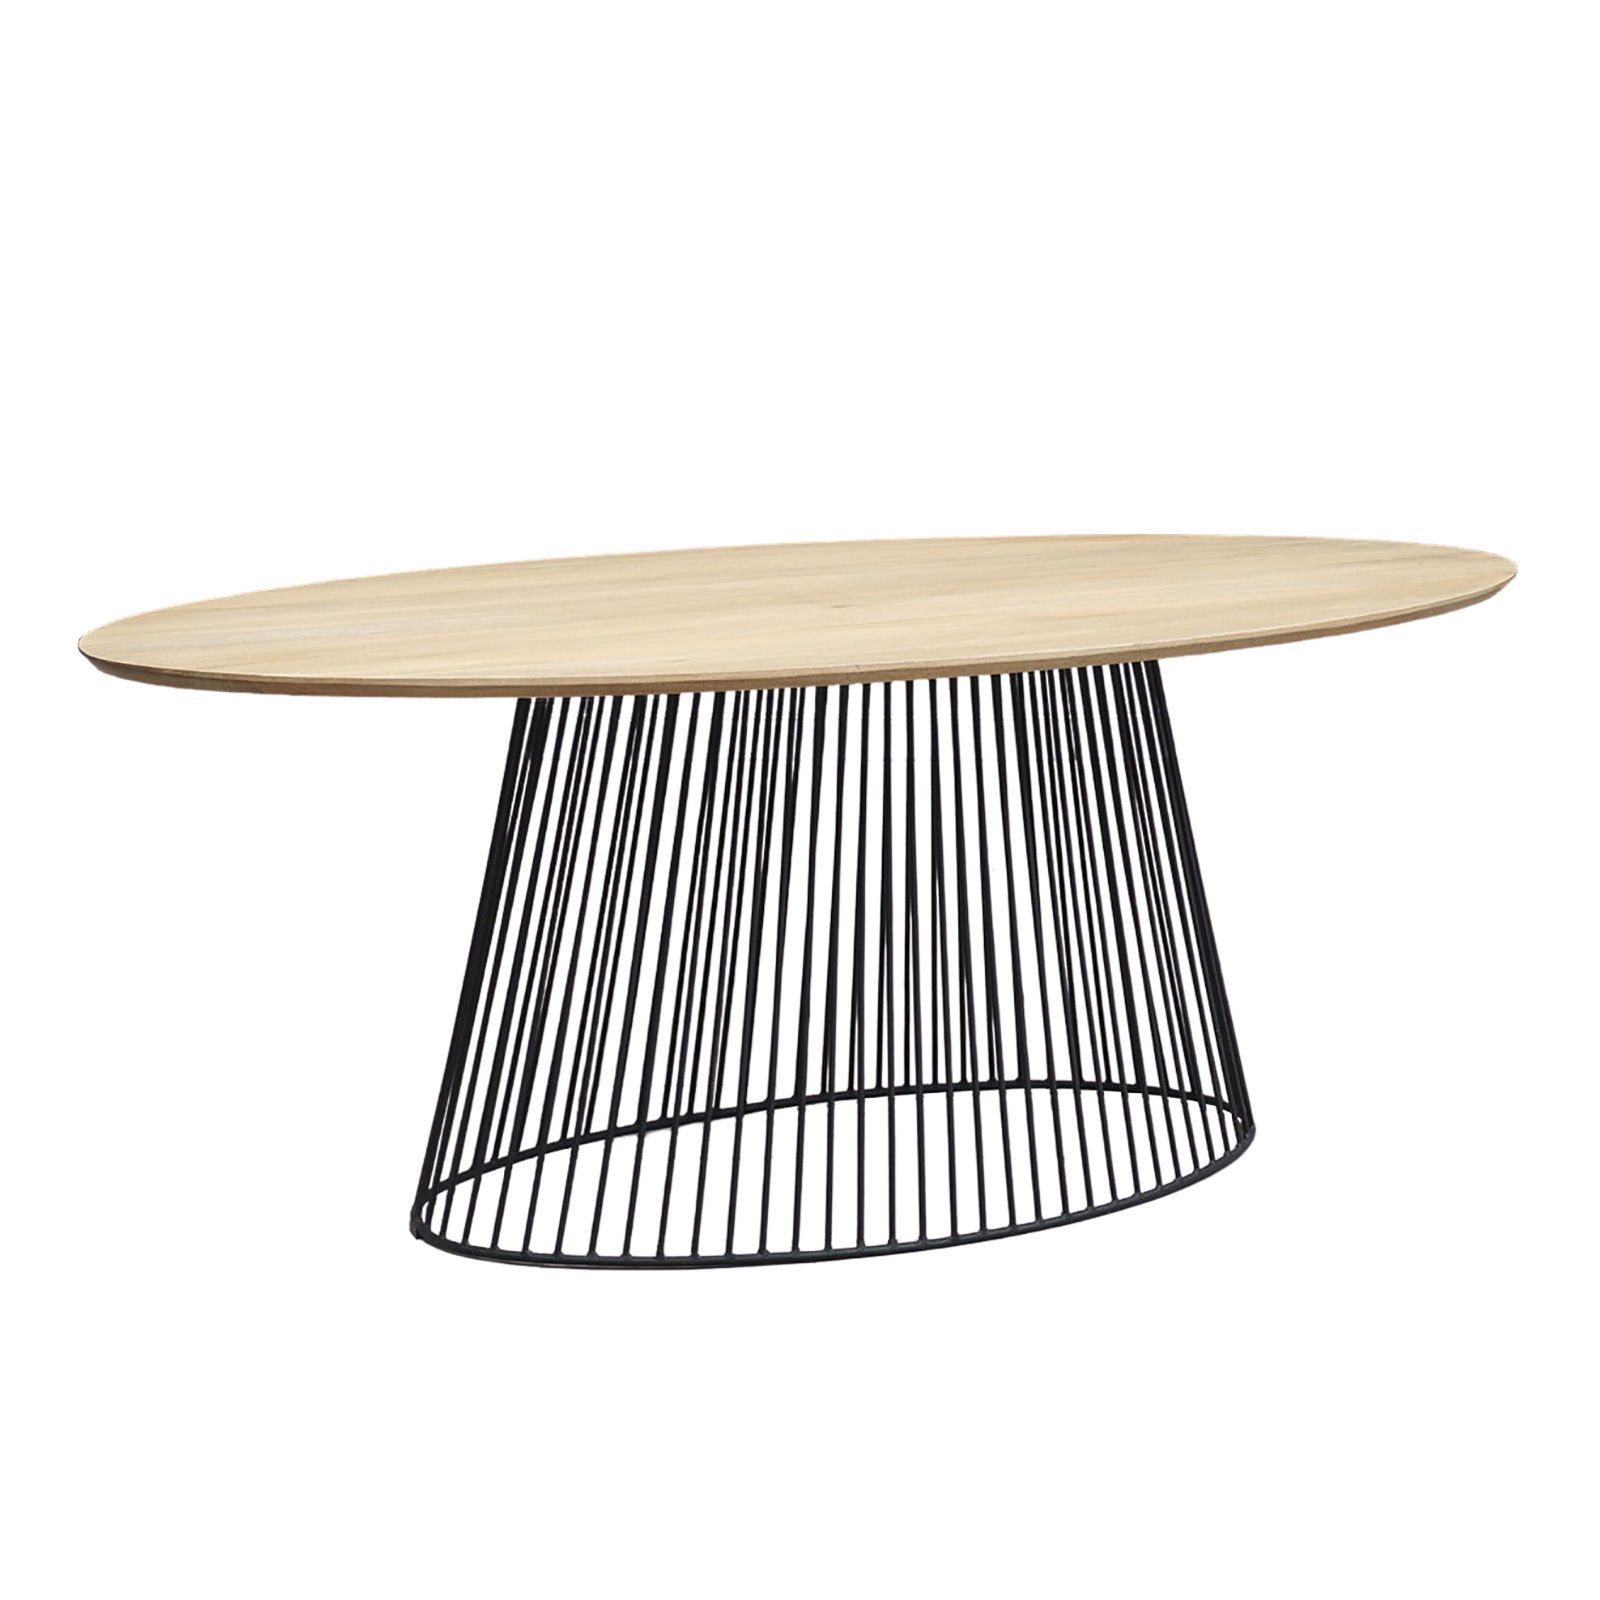 Table à manger ovale design industriel pied metal noir